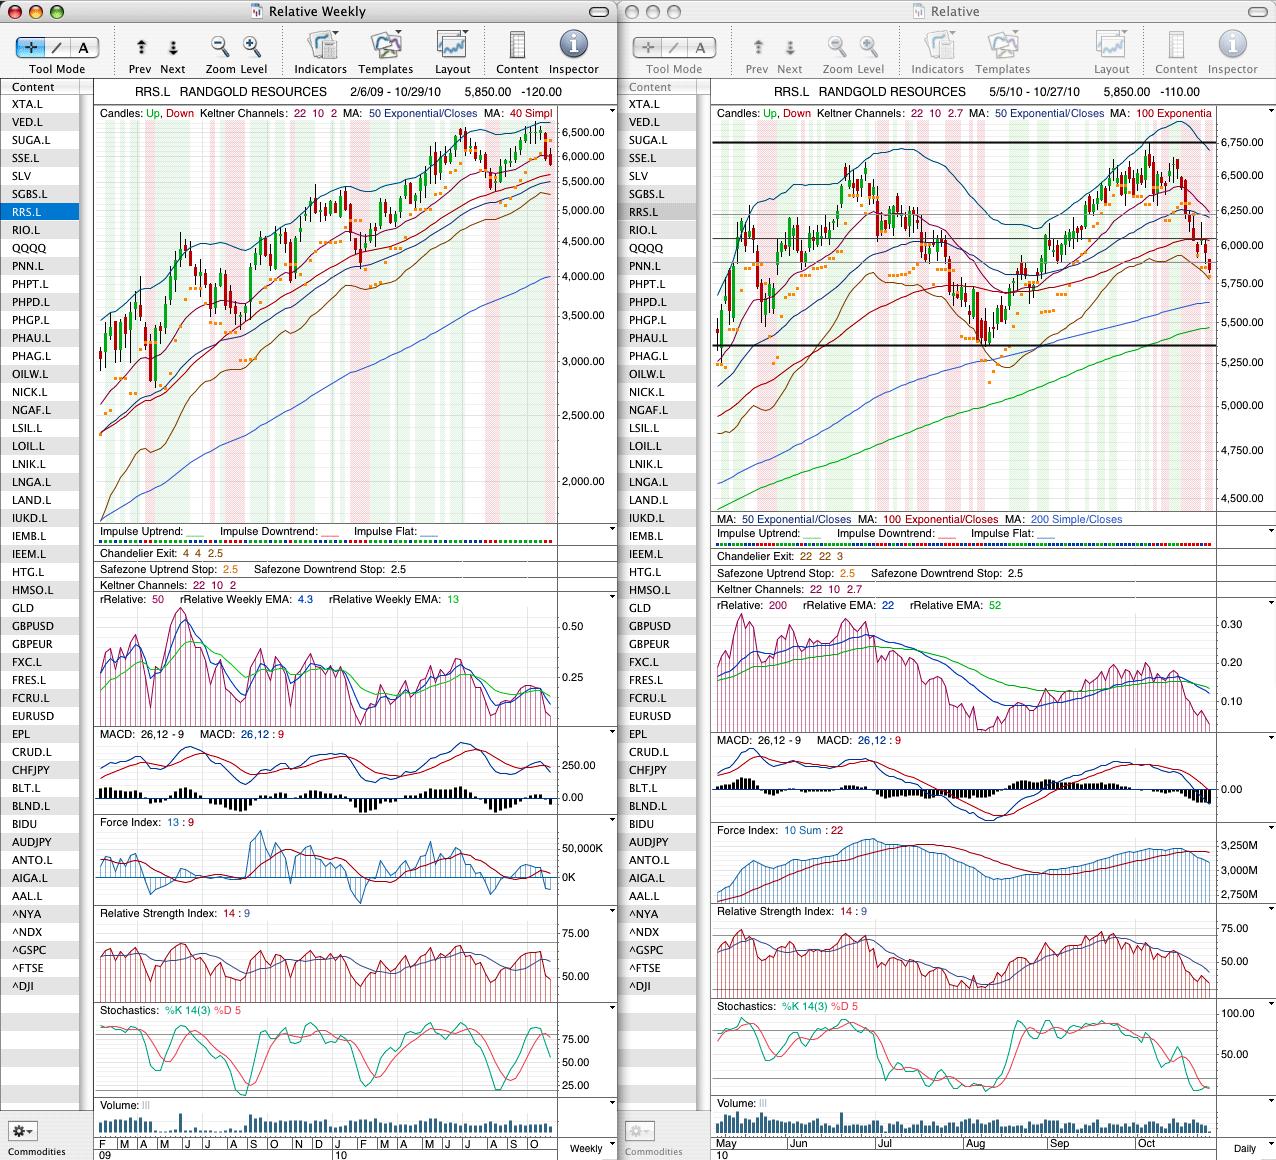 rrs_chart_27-10-10.png